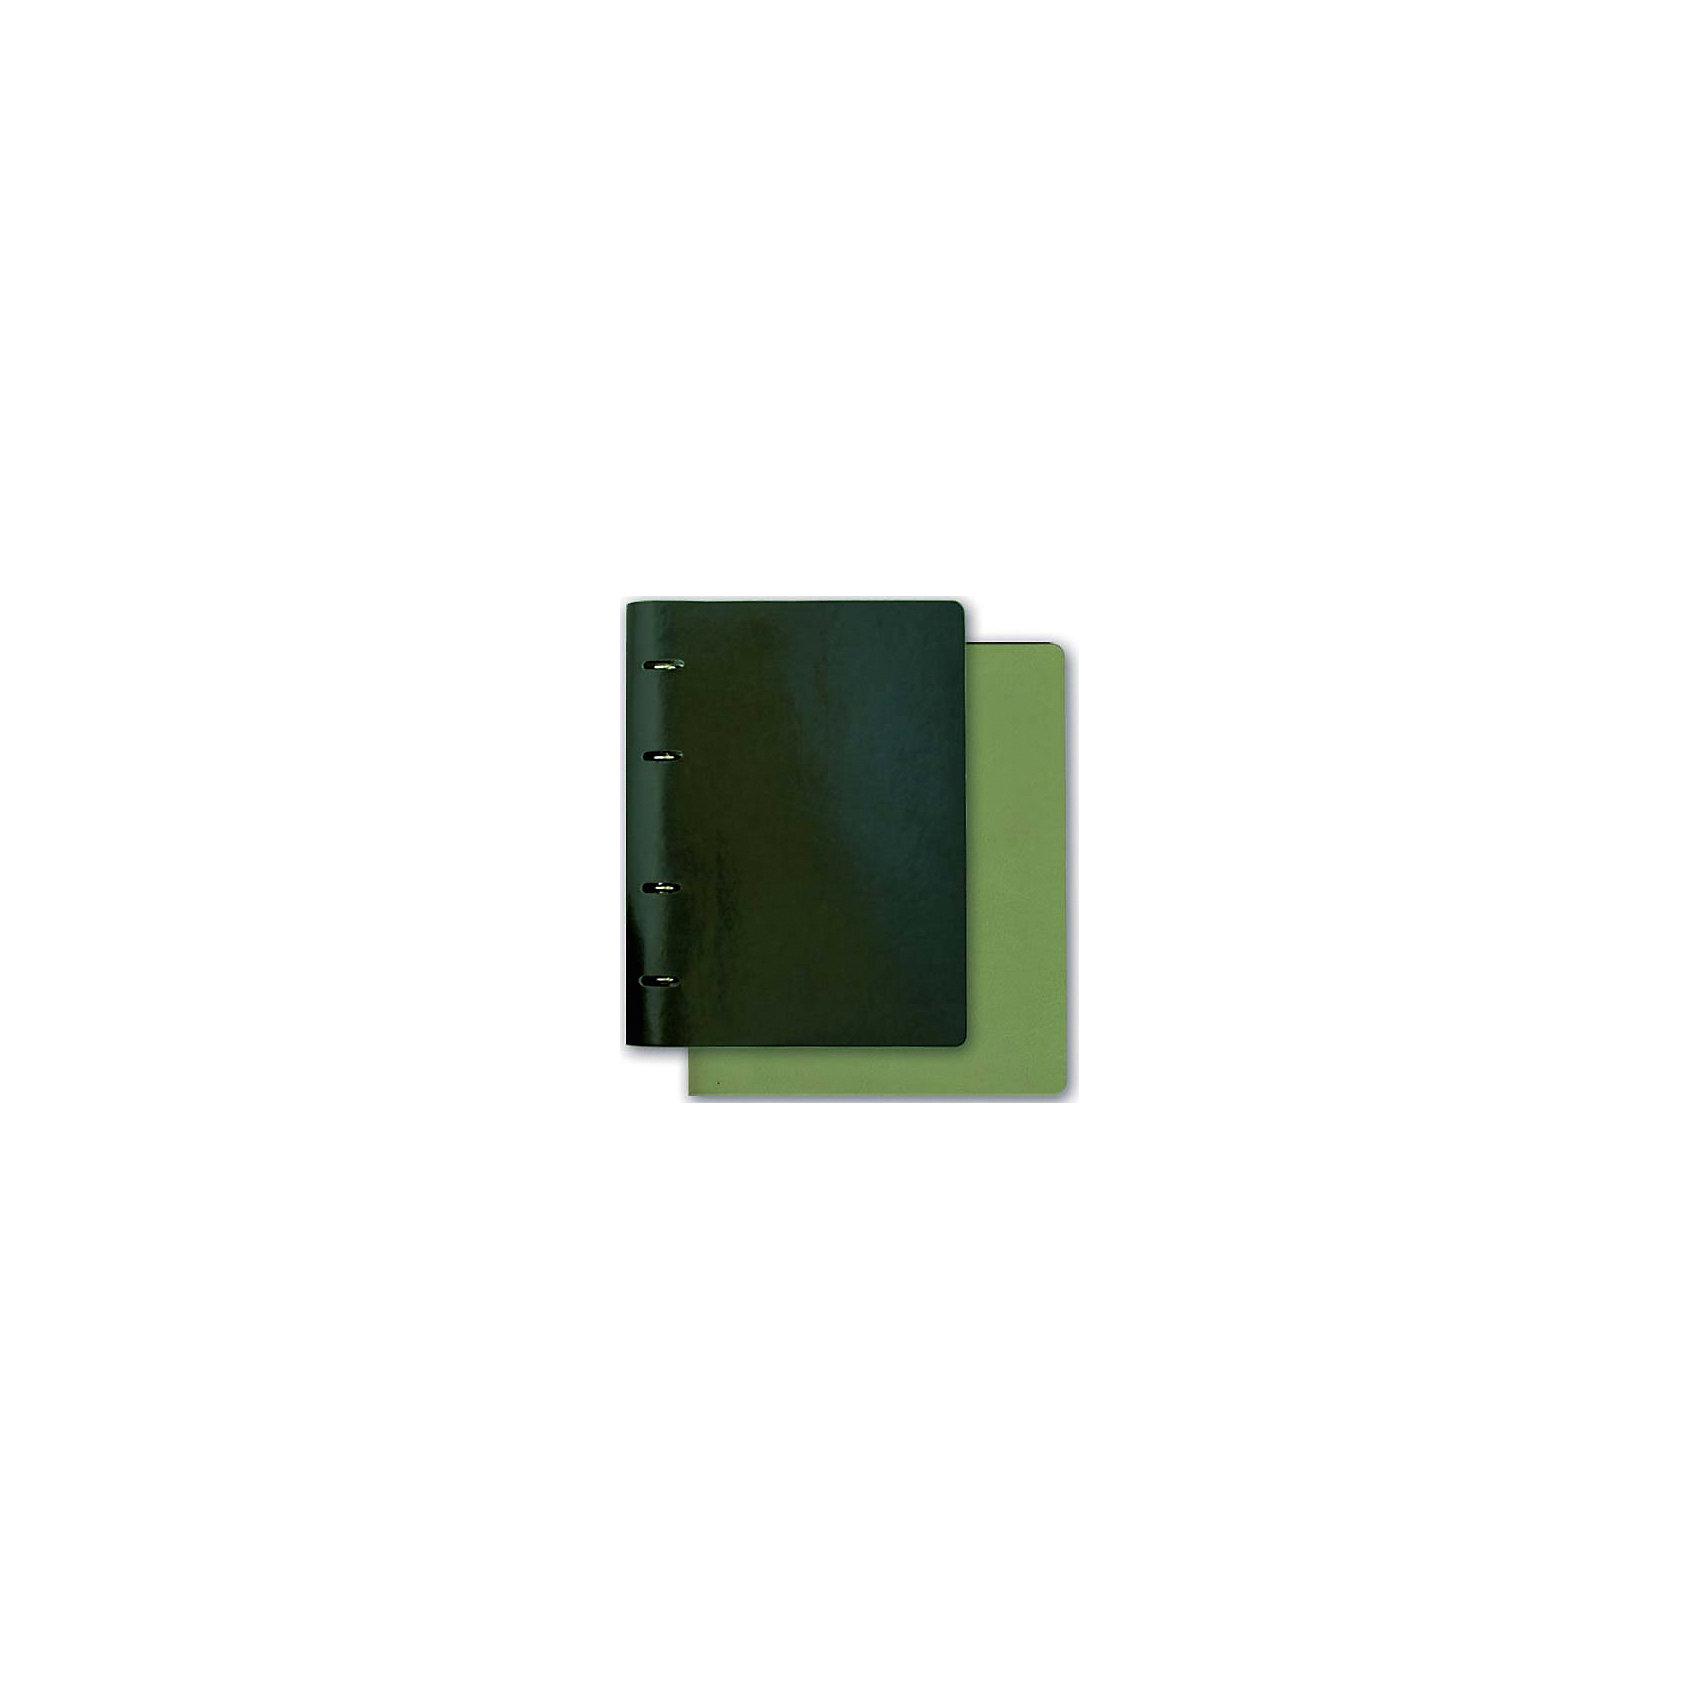 Тетрадь А5+ Феникс+, зеленый + салатовыйБумажная продукция<br>Тетрадь Копибук ВНЕШН. ЗЕЛЕН.+ВНУТР. САЛАТОВ. (А5+, 175х220 мм, мяг. обл., 160 л. (осн блок 80л+смен. блок 80л), индивид. ПЭТ-упак., бел. офсет)<br><br>Ширина мм: 220<br>Глубина мм: 170<br>Высота мм: 30<br>Вес г: 455<br>Возраст от месяцев: 72<br>Возраст до месяцев: 2147483647<br>Пол: Унисекс<br>Возраст: Детский<br>SKU: 7046468